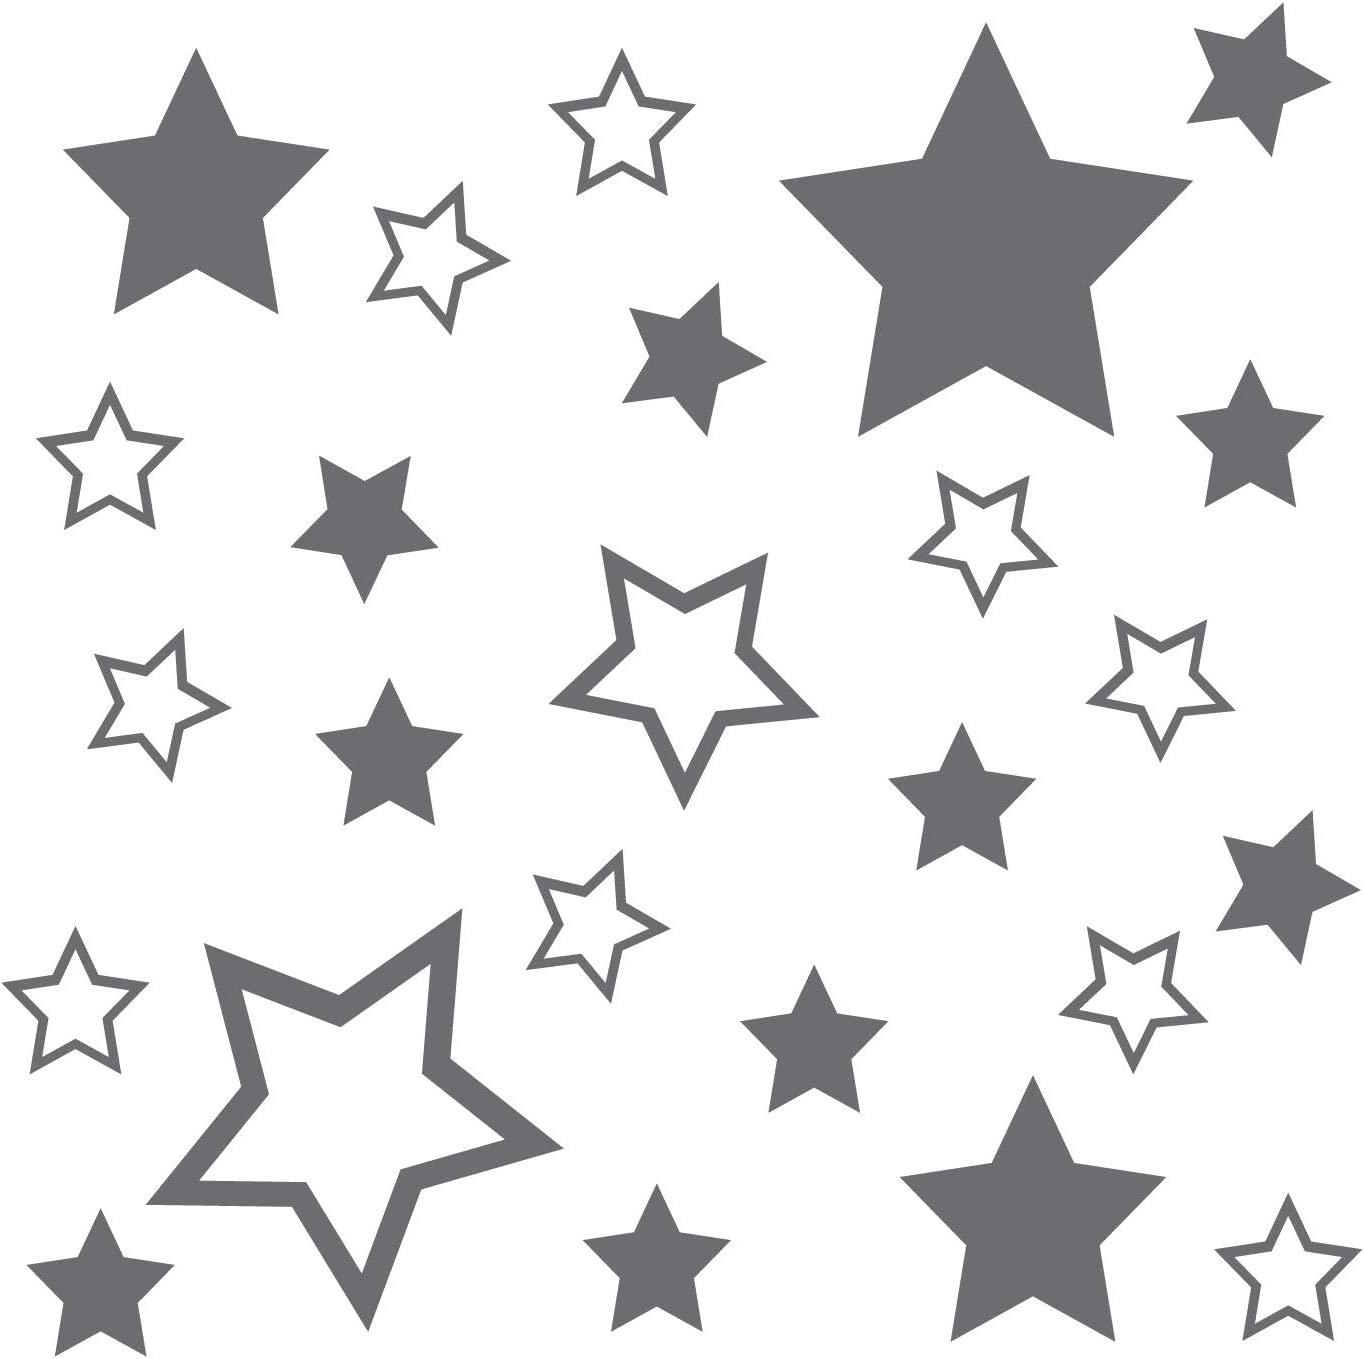 Kleb Drauf 25 Sterne Silber Matt Autoaufkleber Autosticker Decal Aufkleber Sticker Auto Car Motorrad Fahrrad Roller Bike Deko Tuning Stickerbomb Styling Wrapping Auto